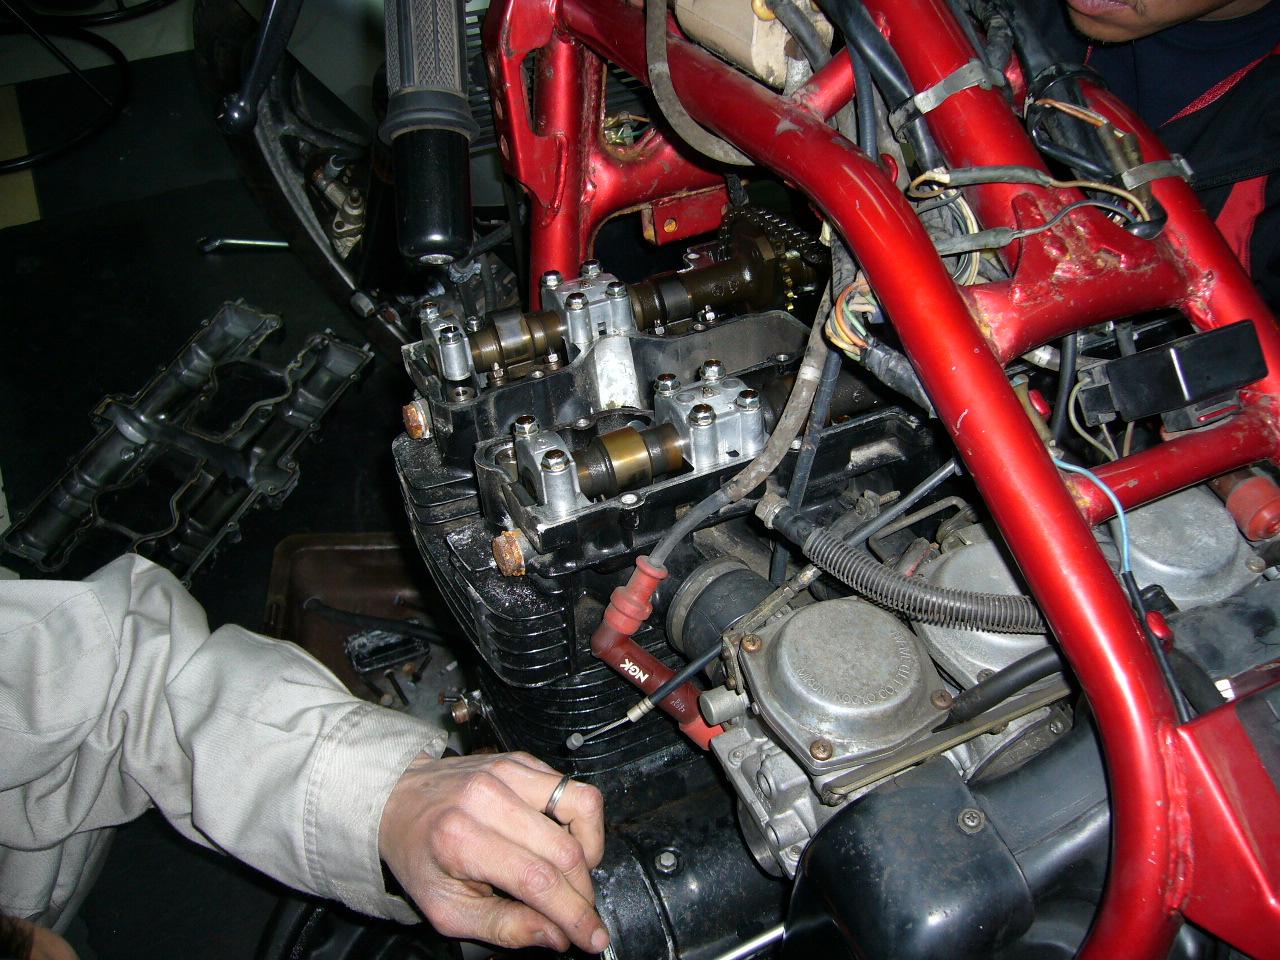 バイクのオーバーホールはエンジンとサスペンションをしていますか?のサムネイル画像